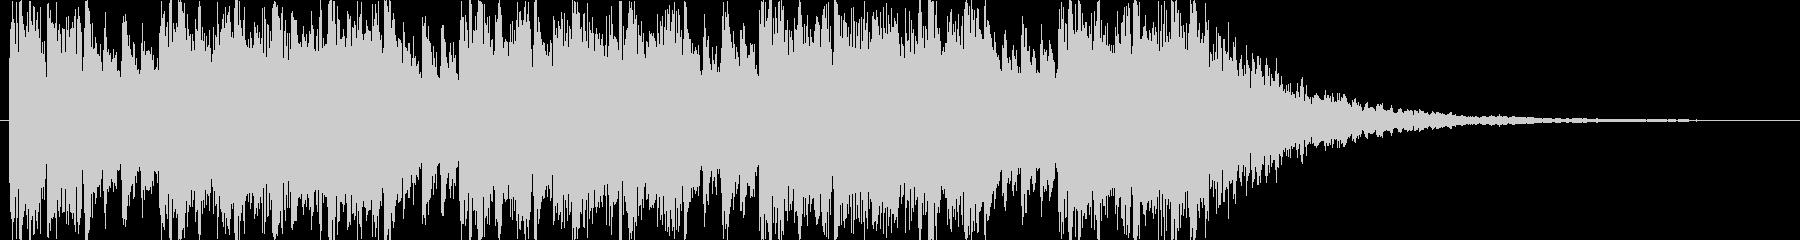 Dubstep風のジングルの未再生の波形